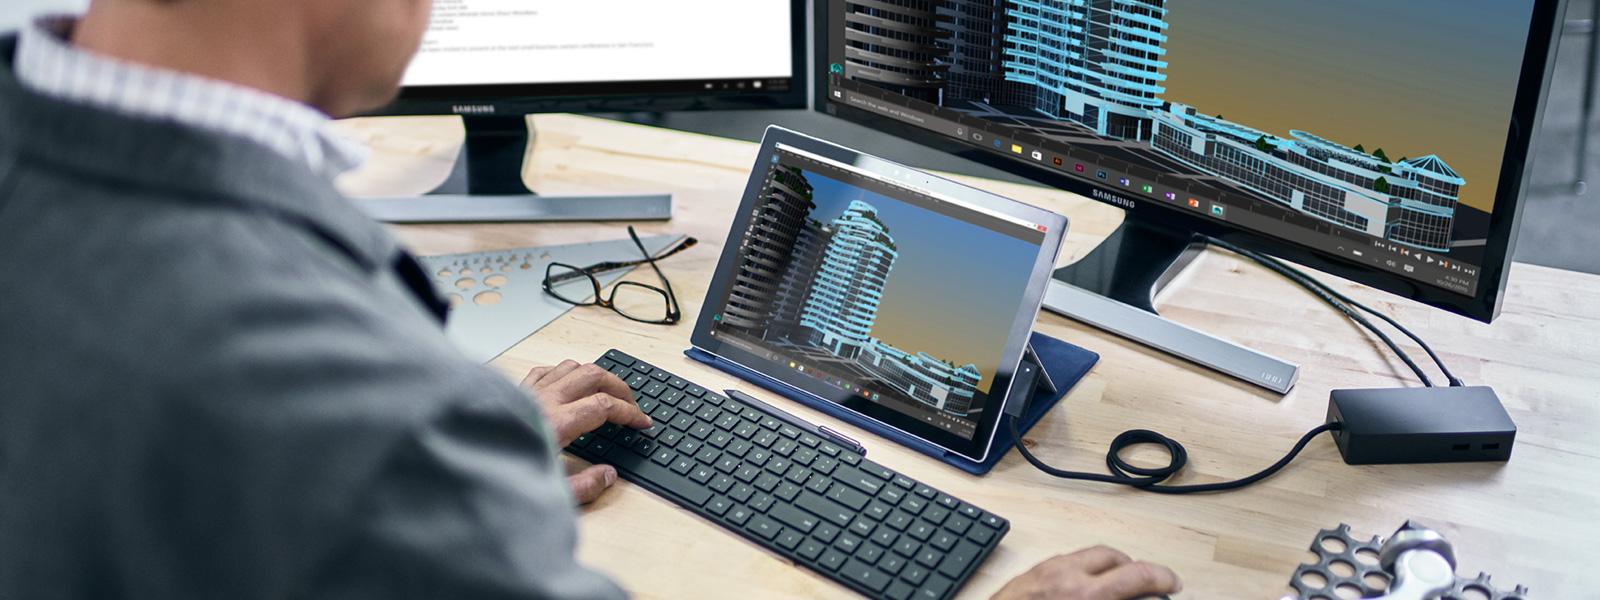 Surface Pro 4, iso näyttö ja näppäimistö pöydällä.